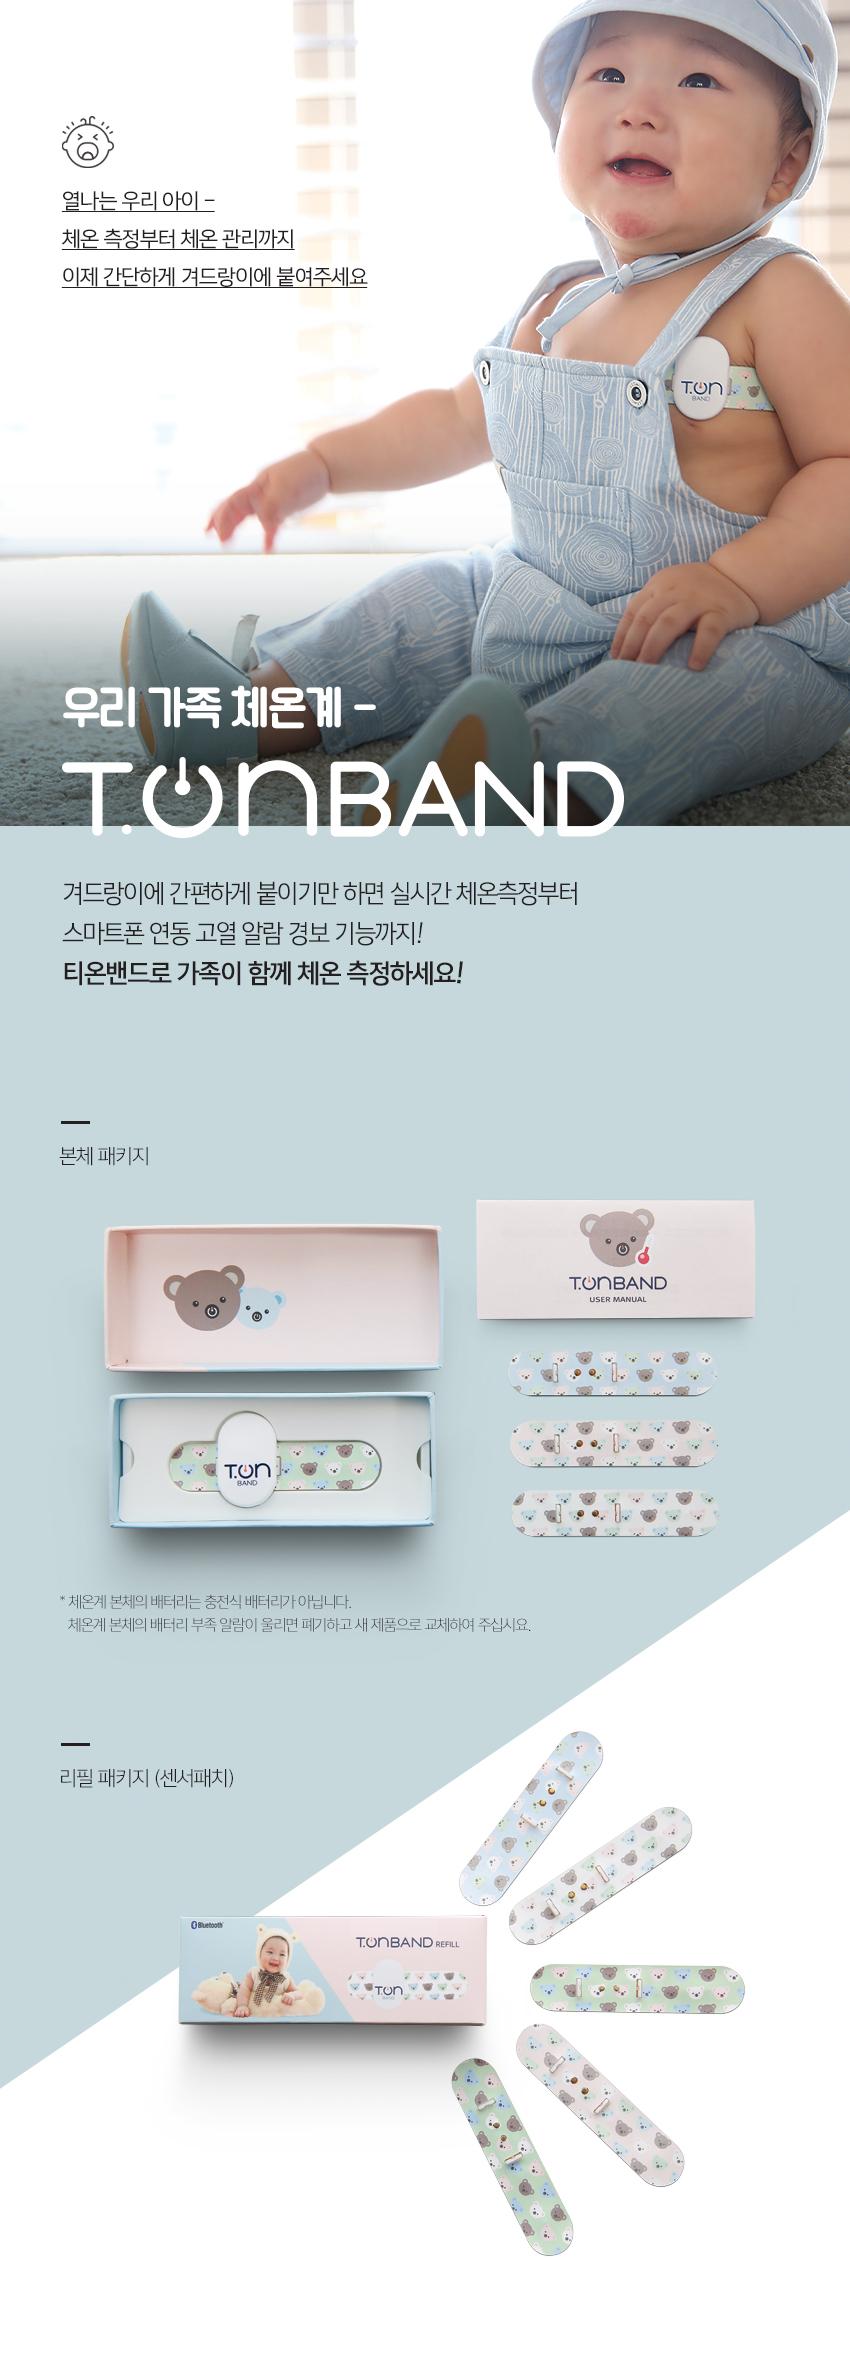 티온밴드-스토어팜-웹페이지-B1-(소개).jpg